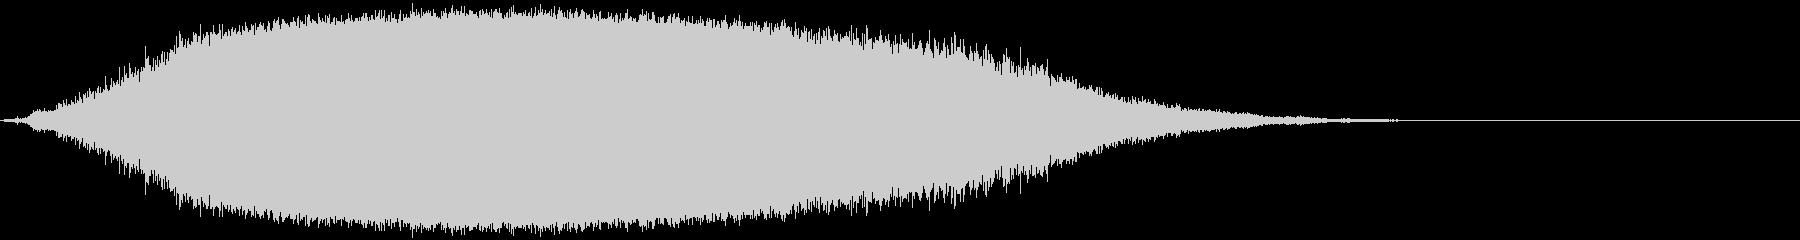 蒸気機関-調整圧力-バージョン1の未再生の波形